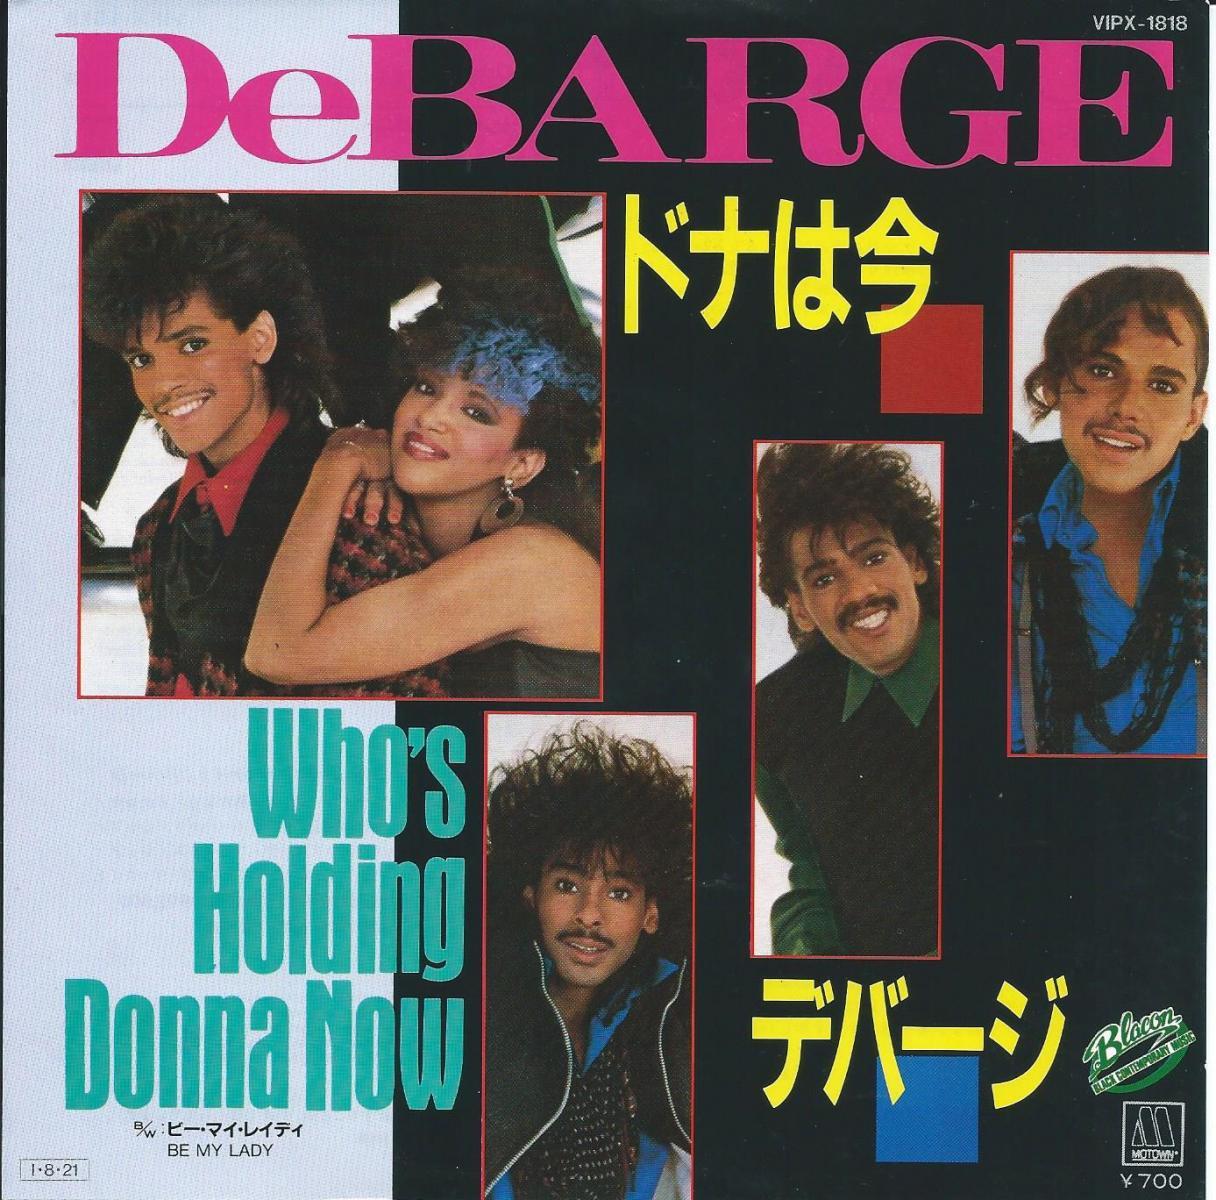 デバージ DEBARGE / ドナは今 WHO'S HOLDING DONNA NOW / ビー・マイ・レイディ BE MY LADY (7